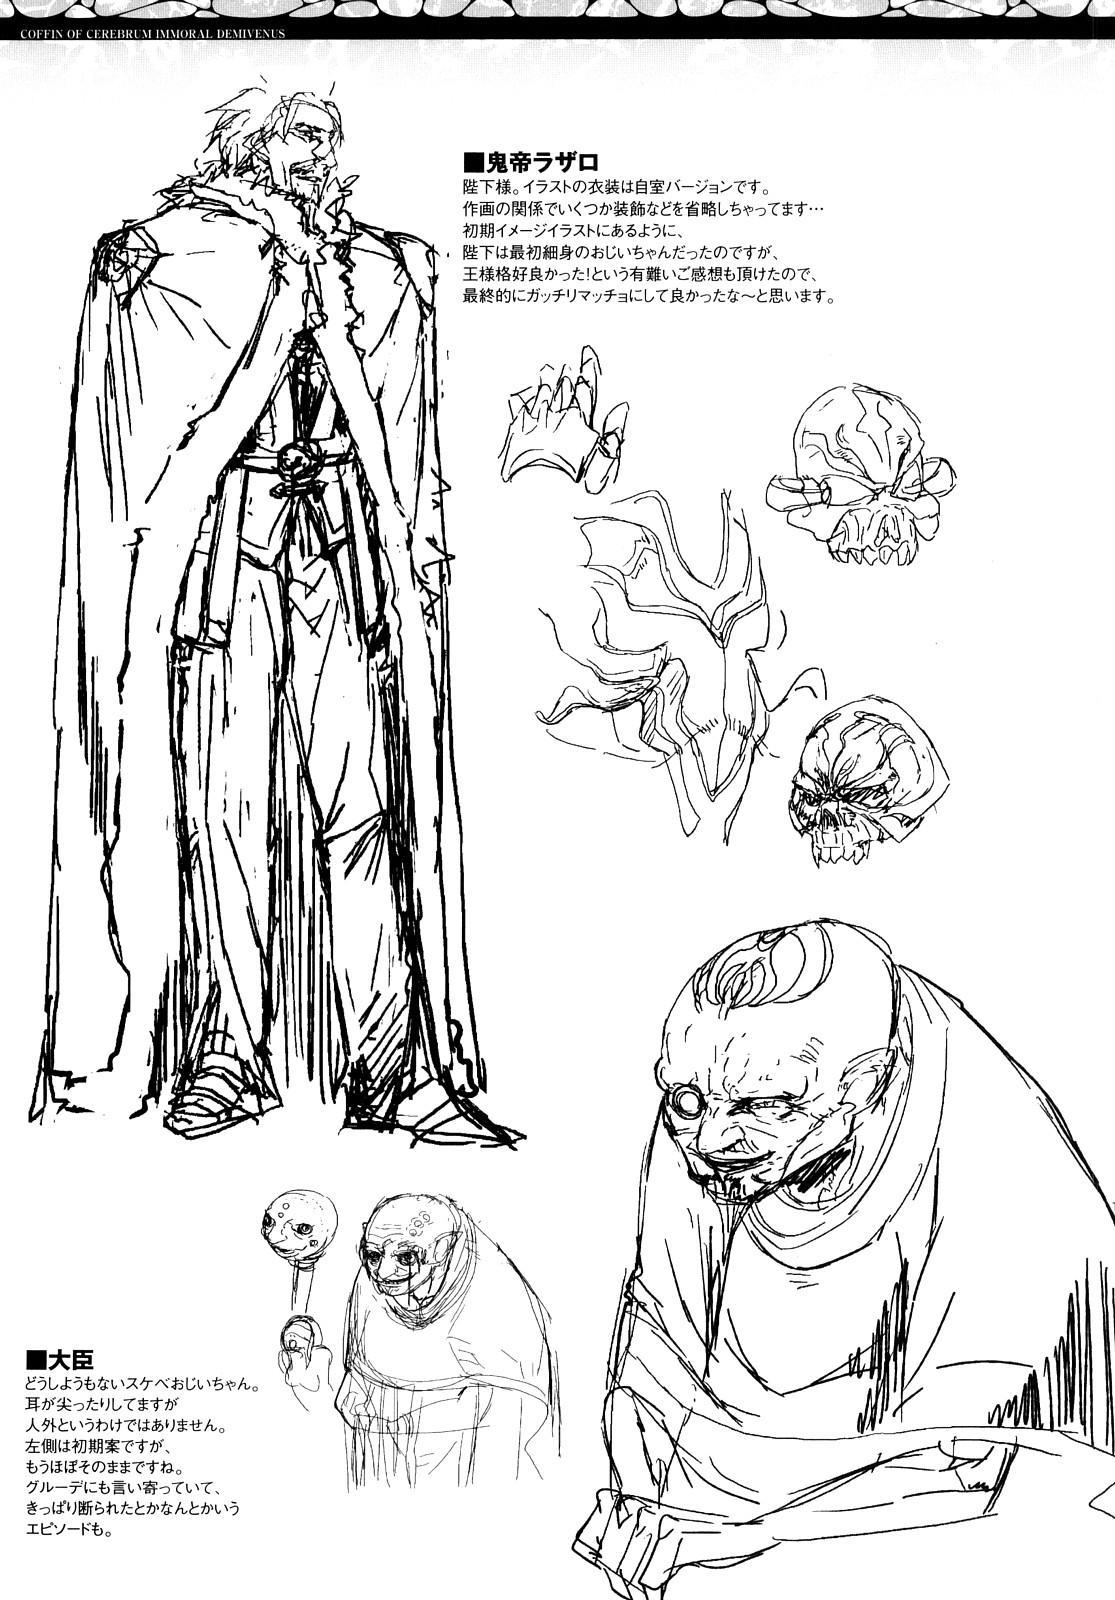 Cerberum no Hitsugi Haitoku no Hanmegami - The Coffin of Cerebrum Immoral Demivenus 179